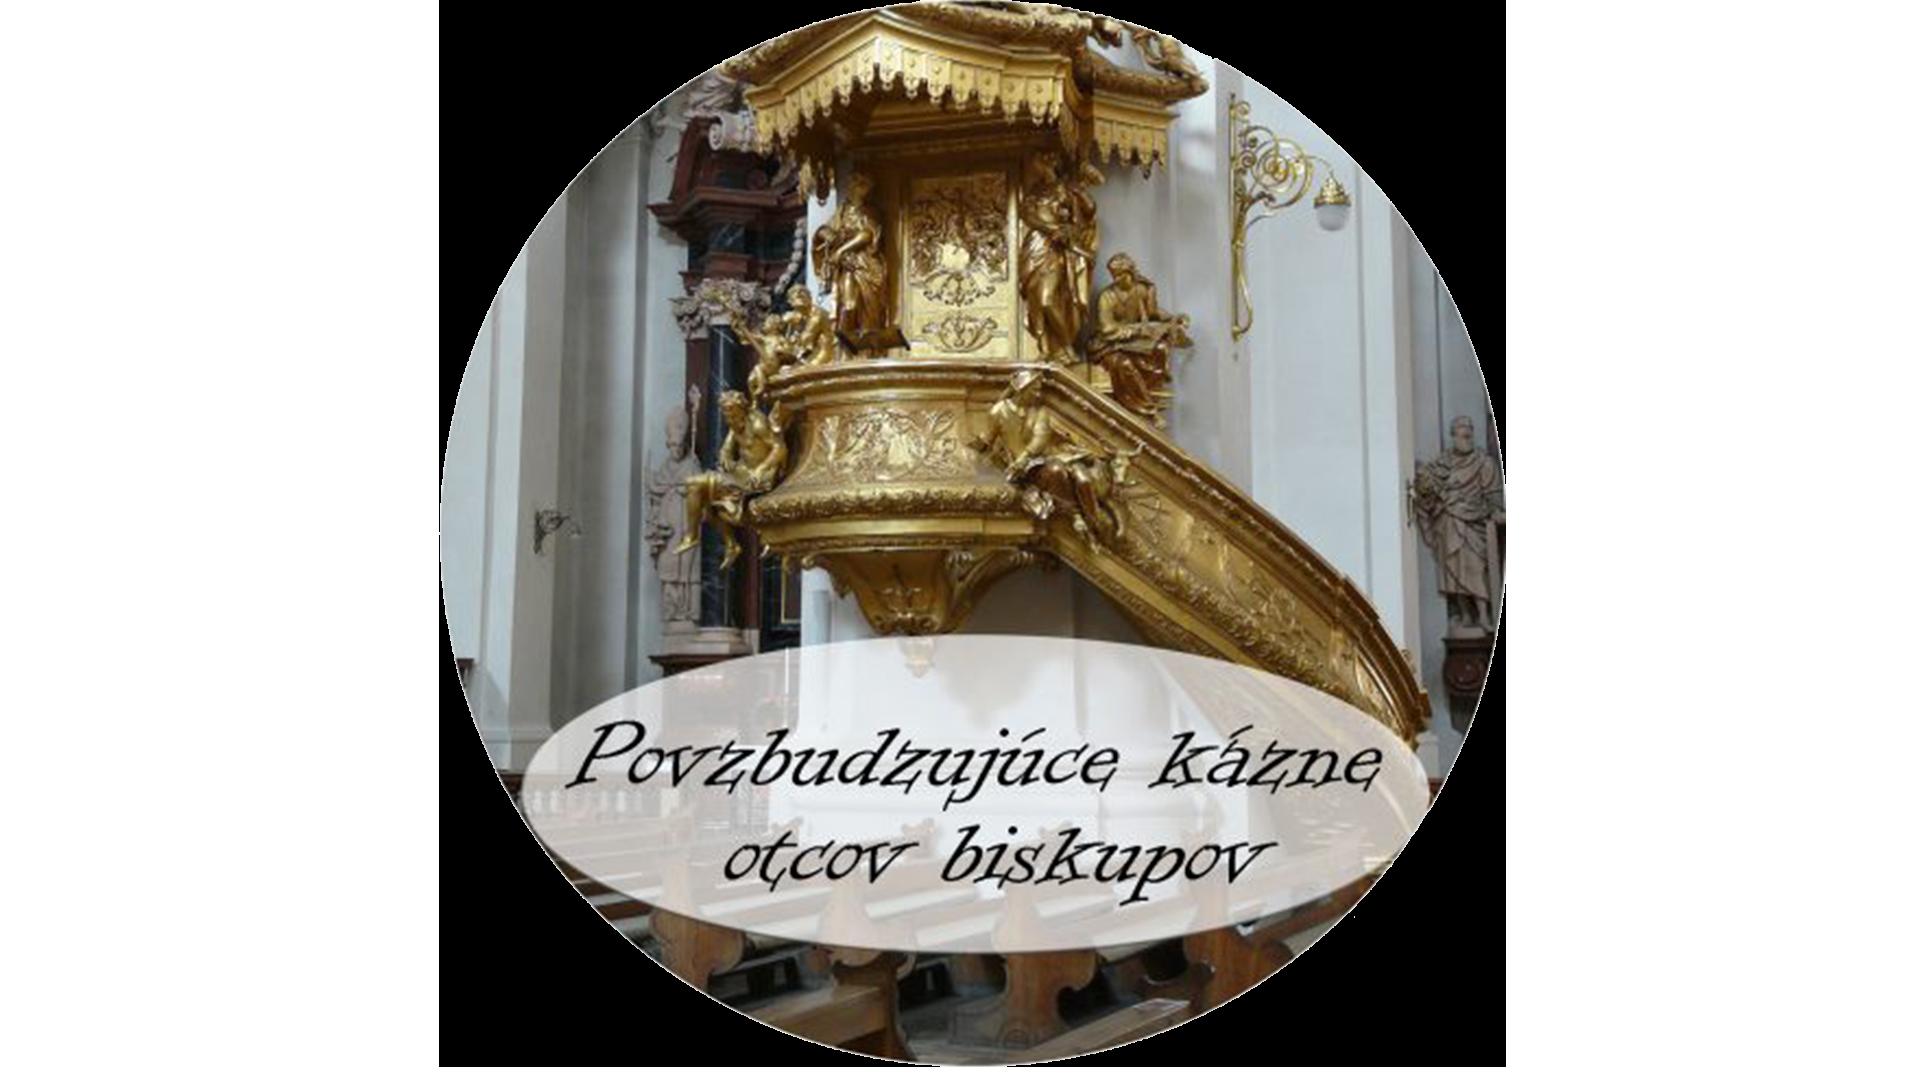 Povzbudzujúce kázne otcov biskupov CD